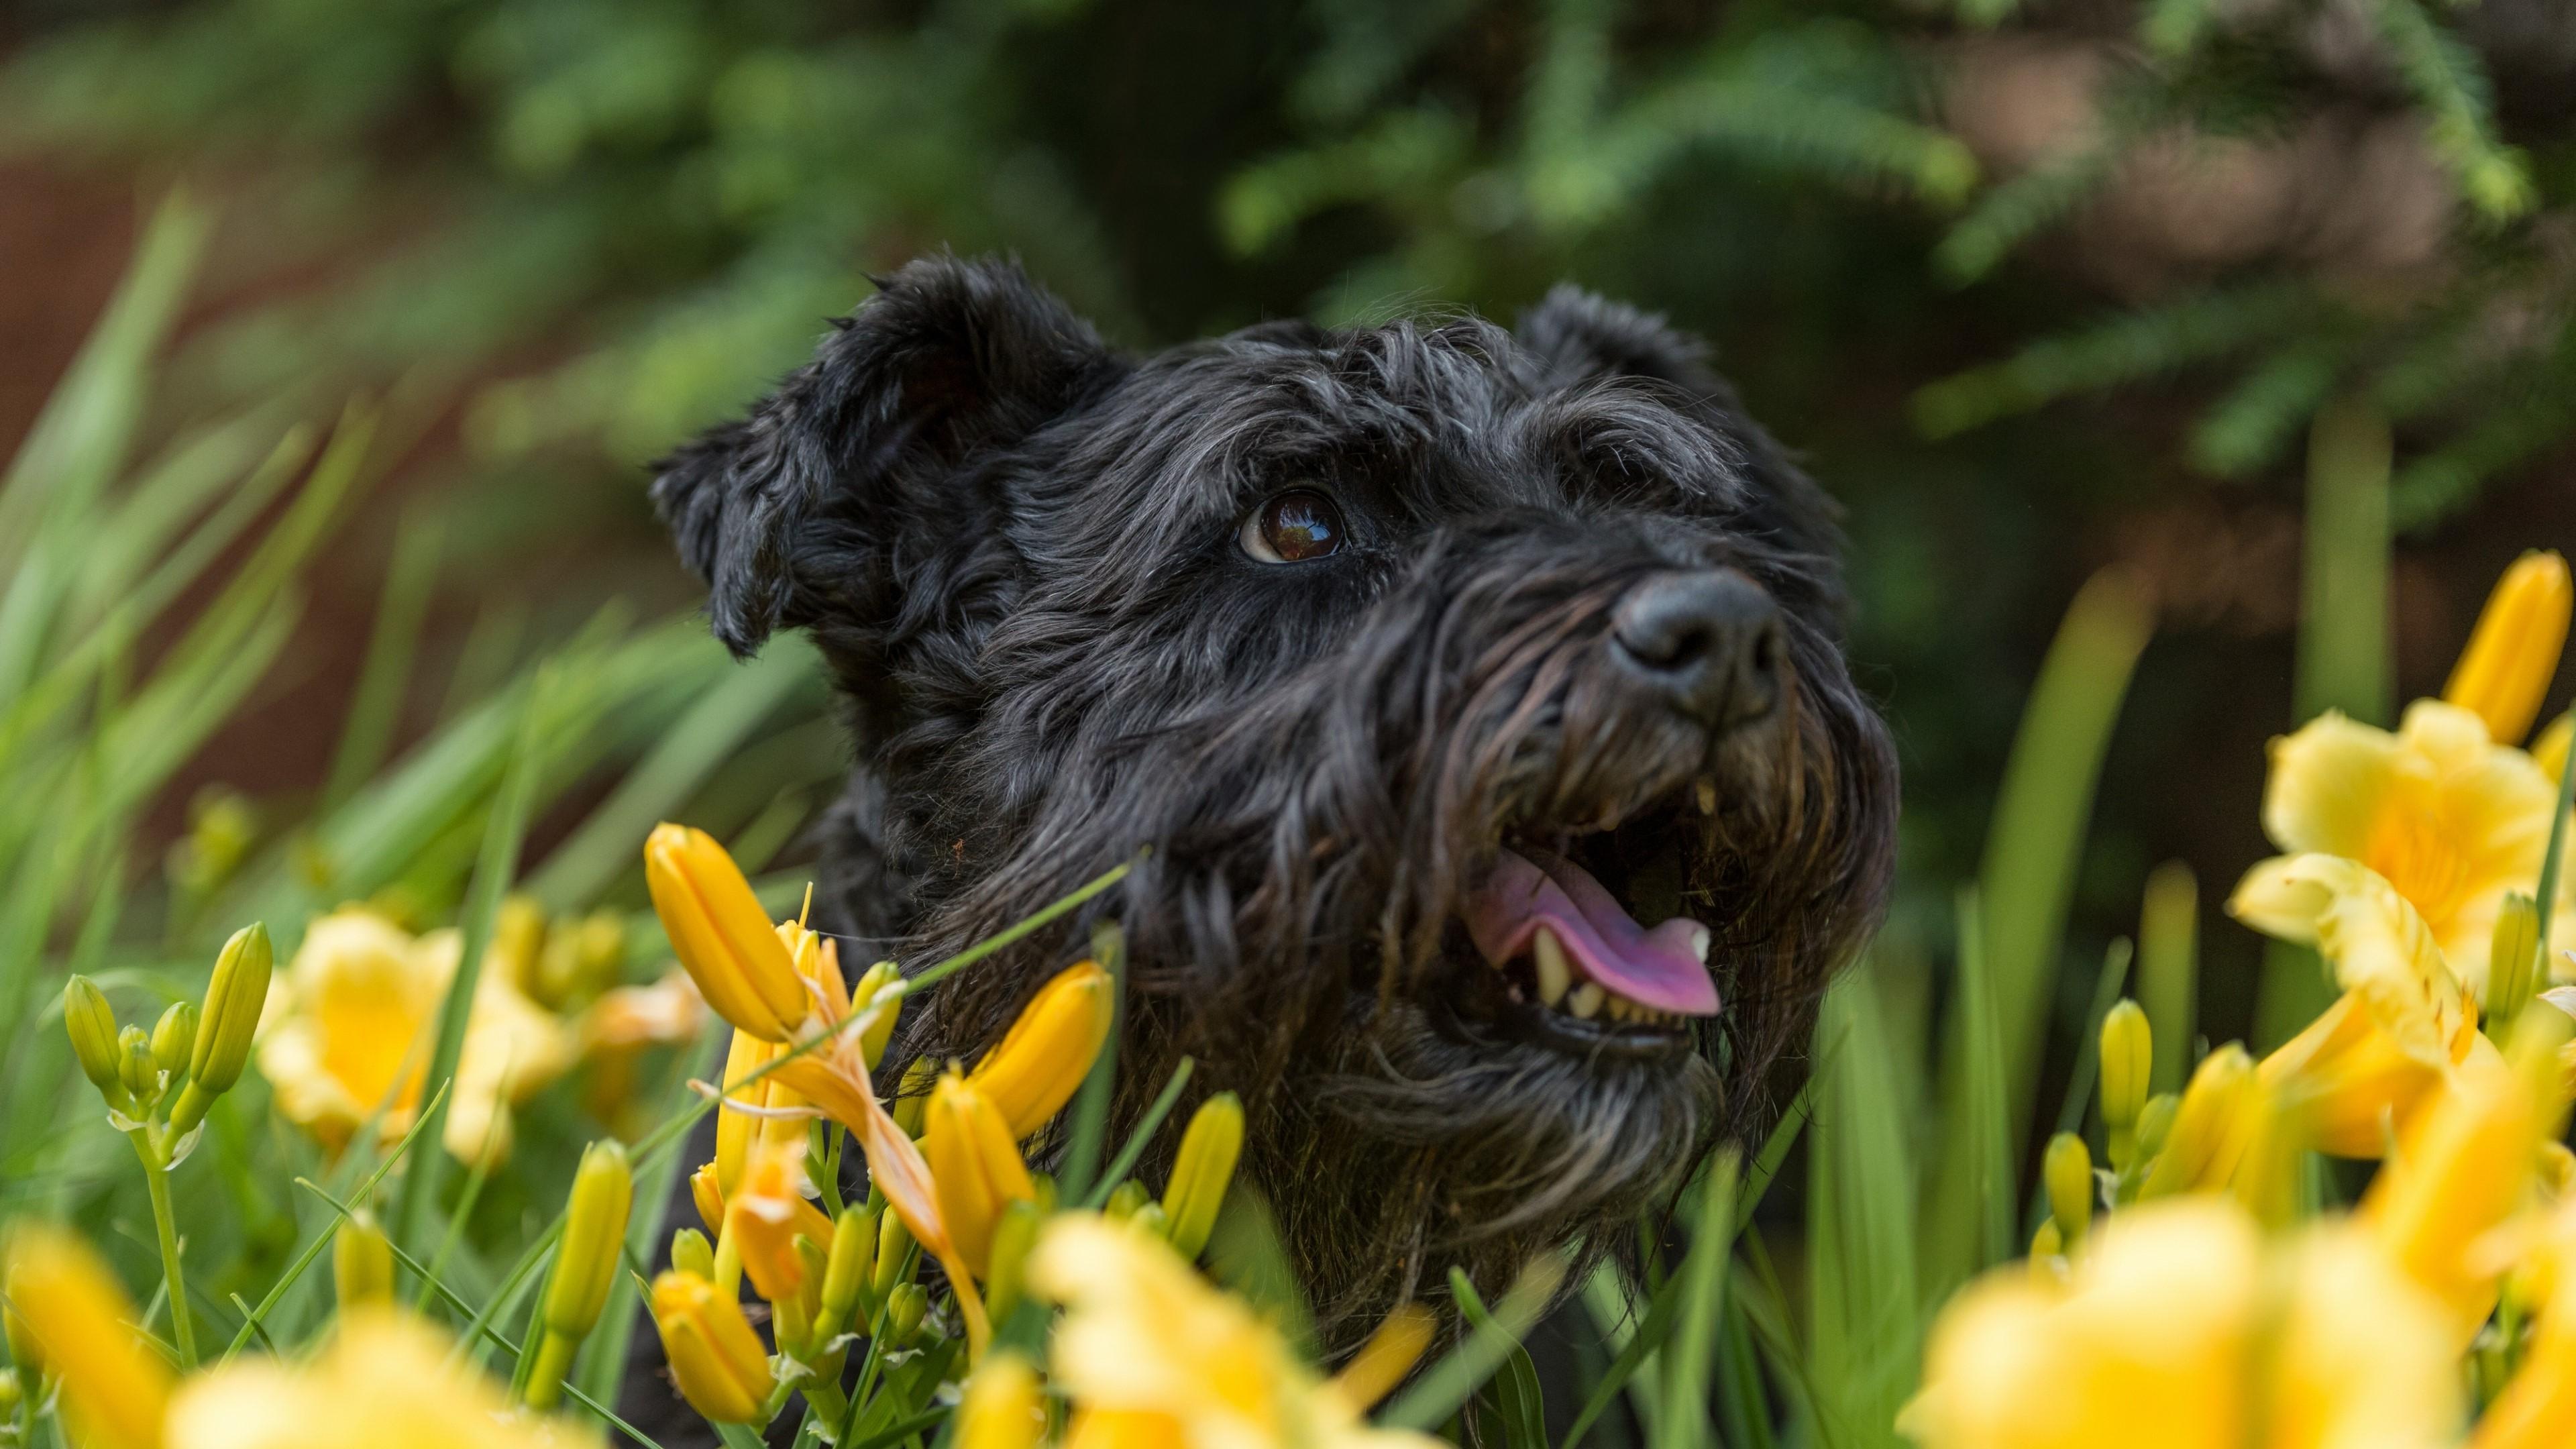 Fondos de pantalla Cachorro en un jardín